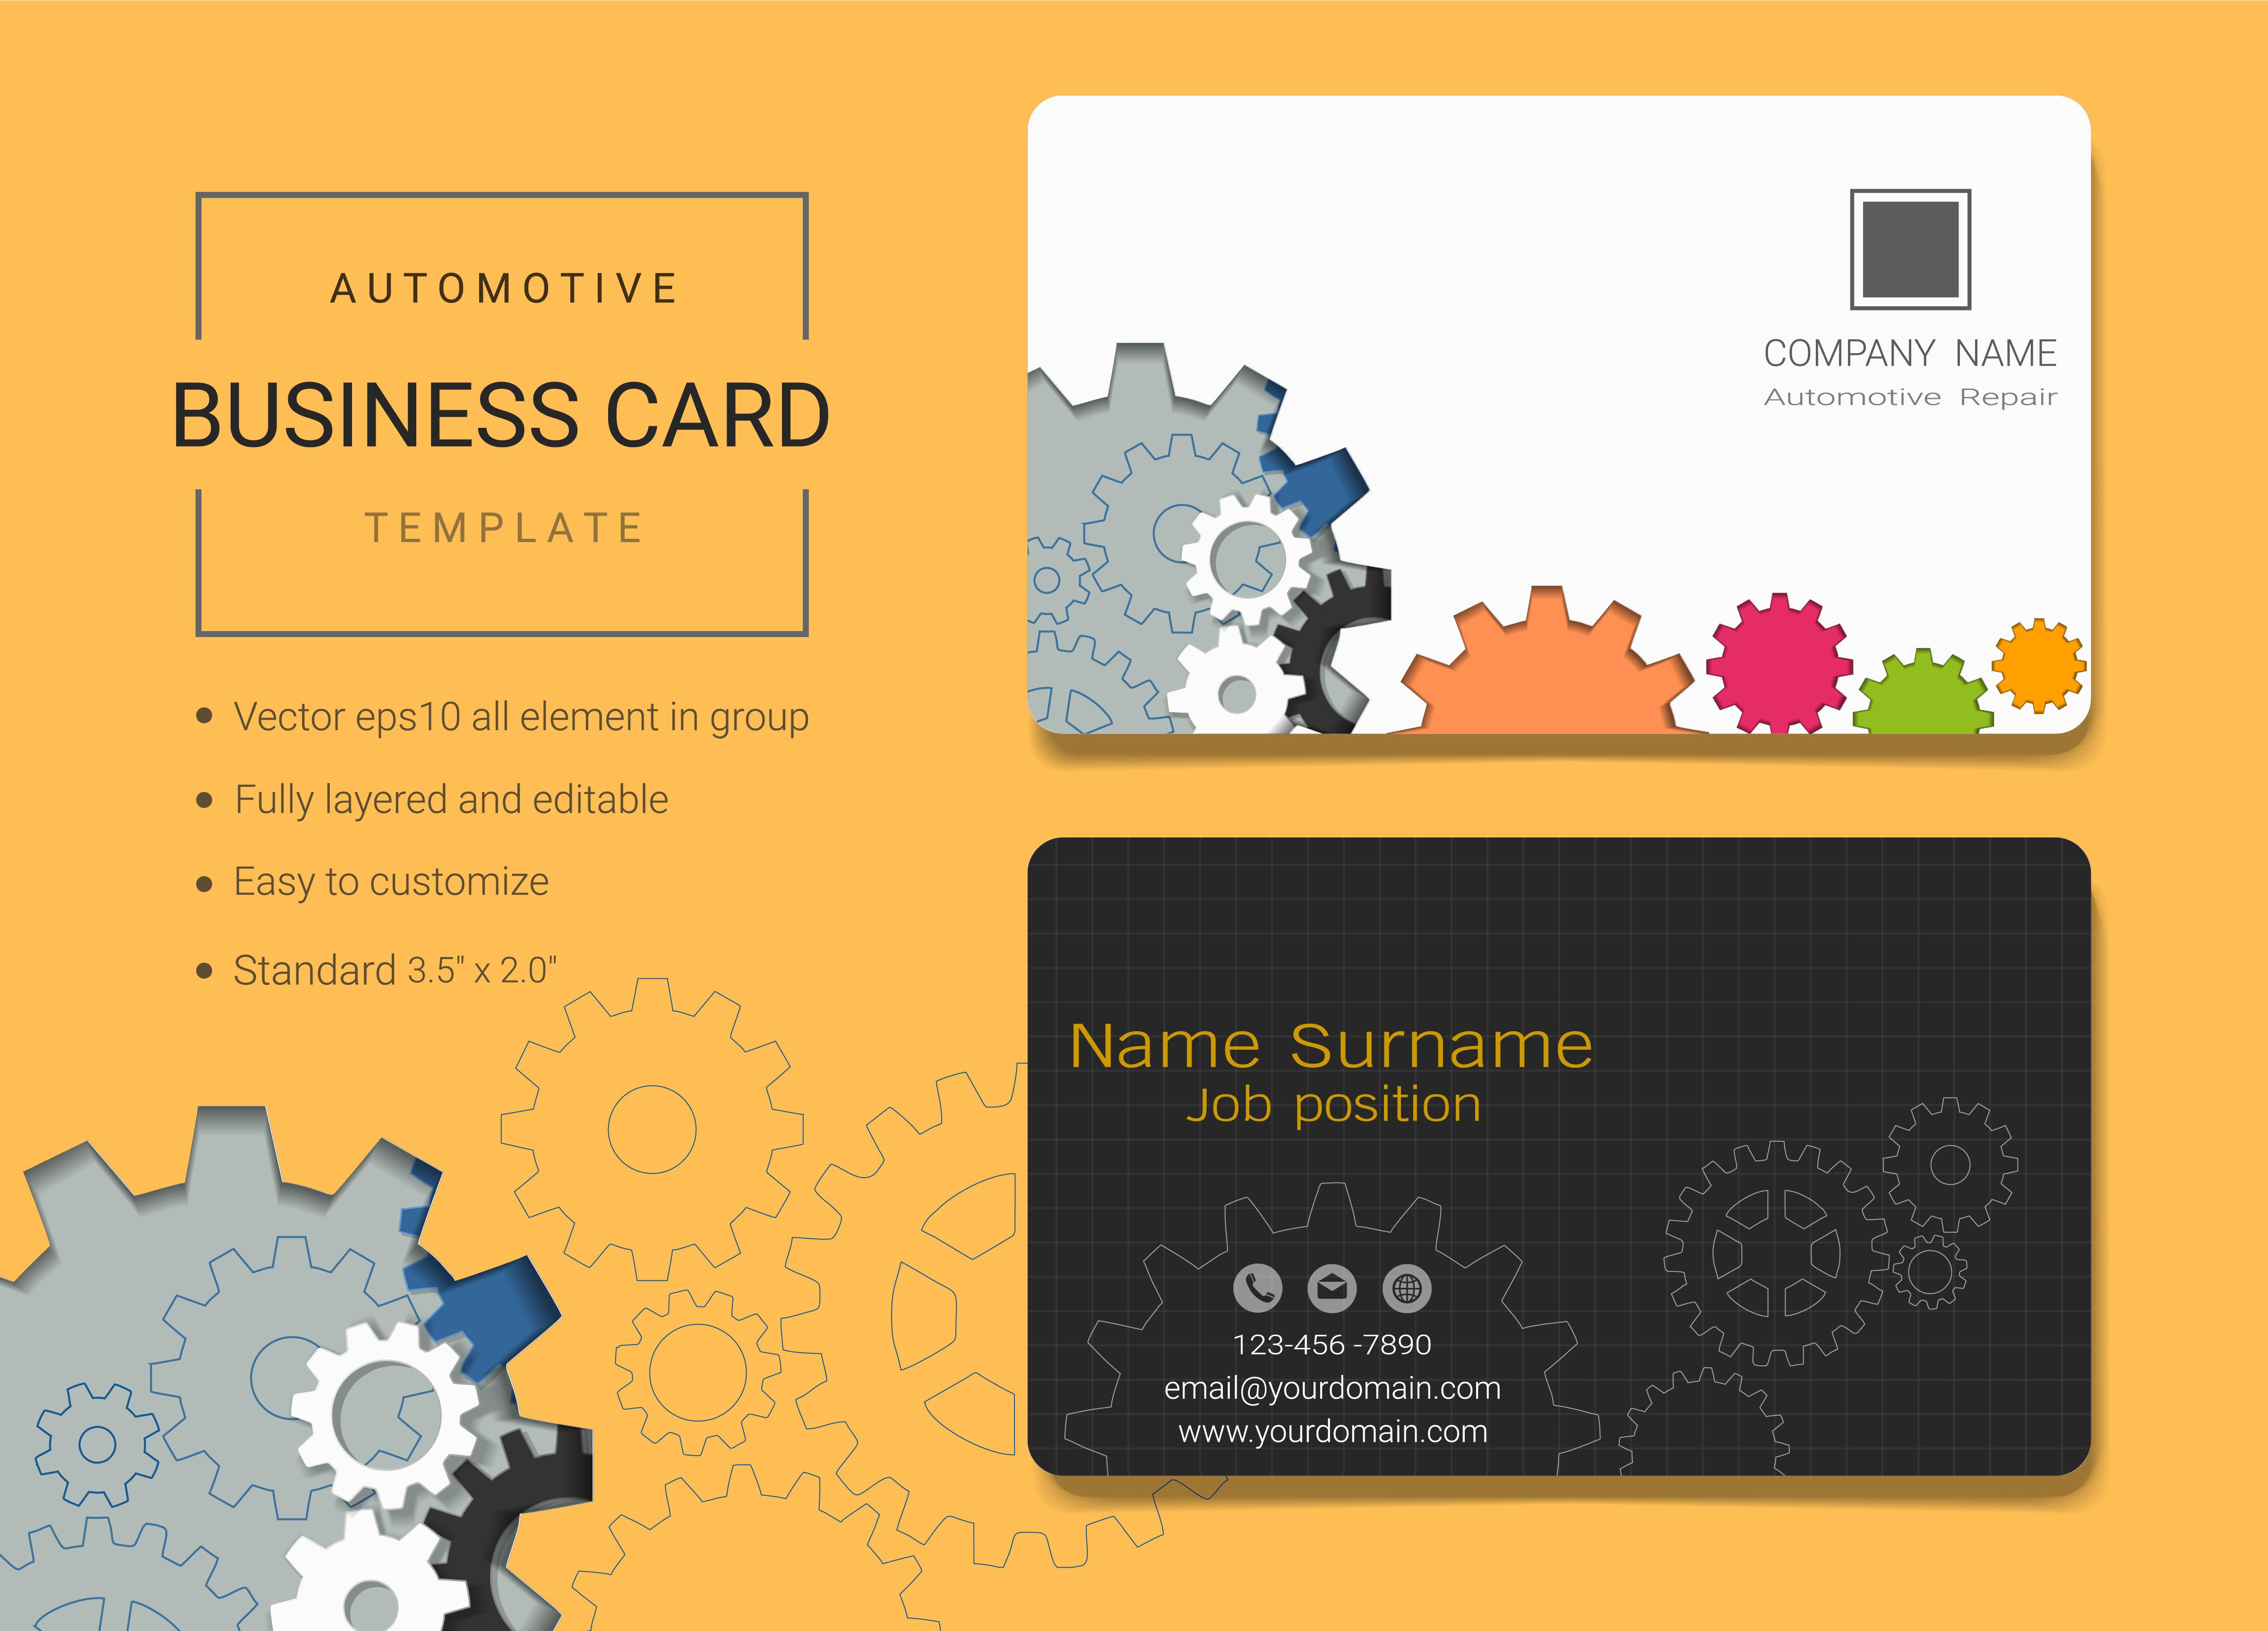 Automobil Visitenkarte Designvorlage Download Kostenlos